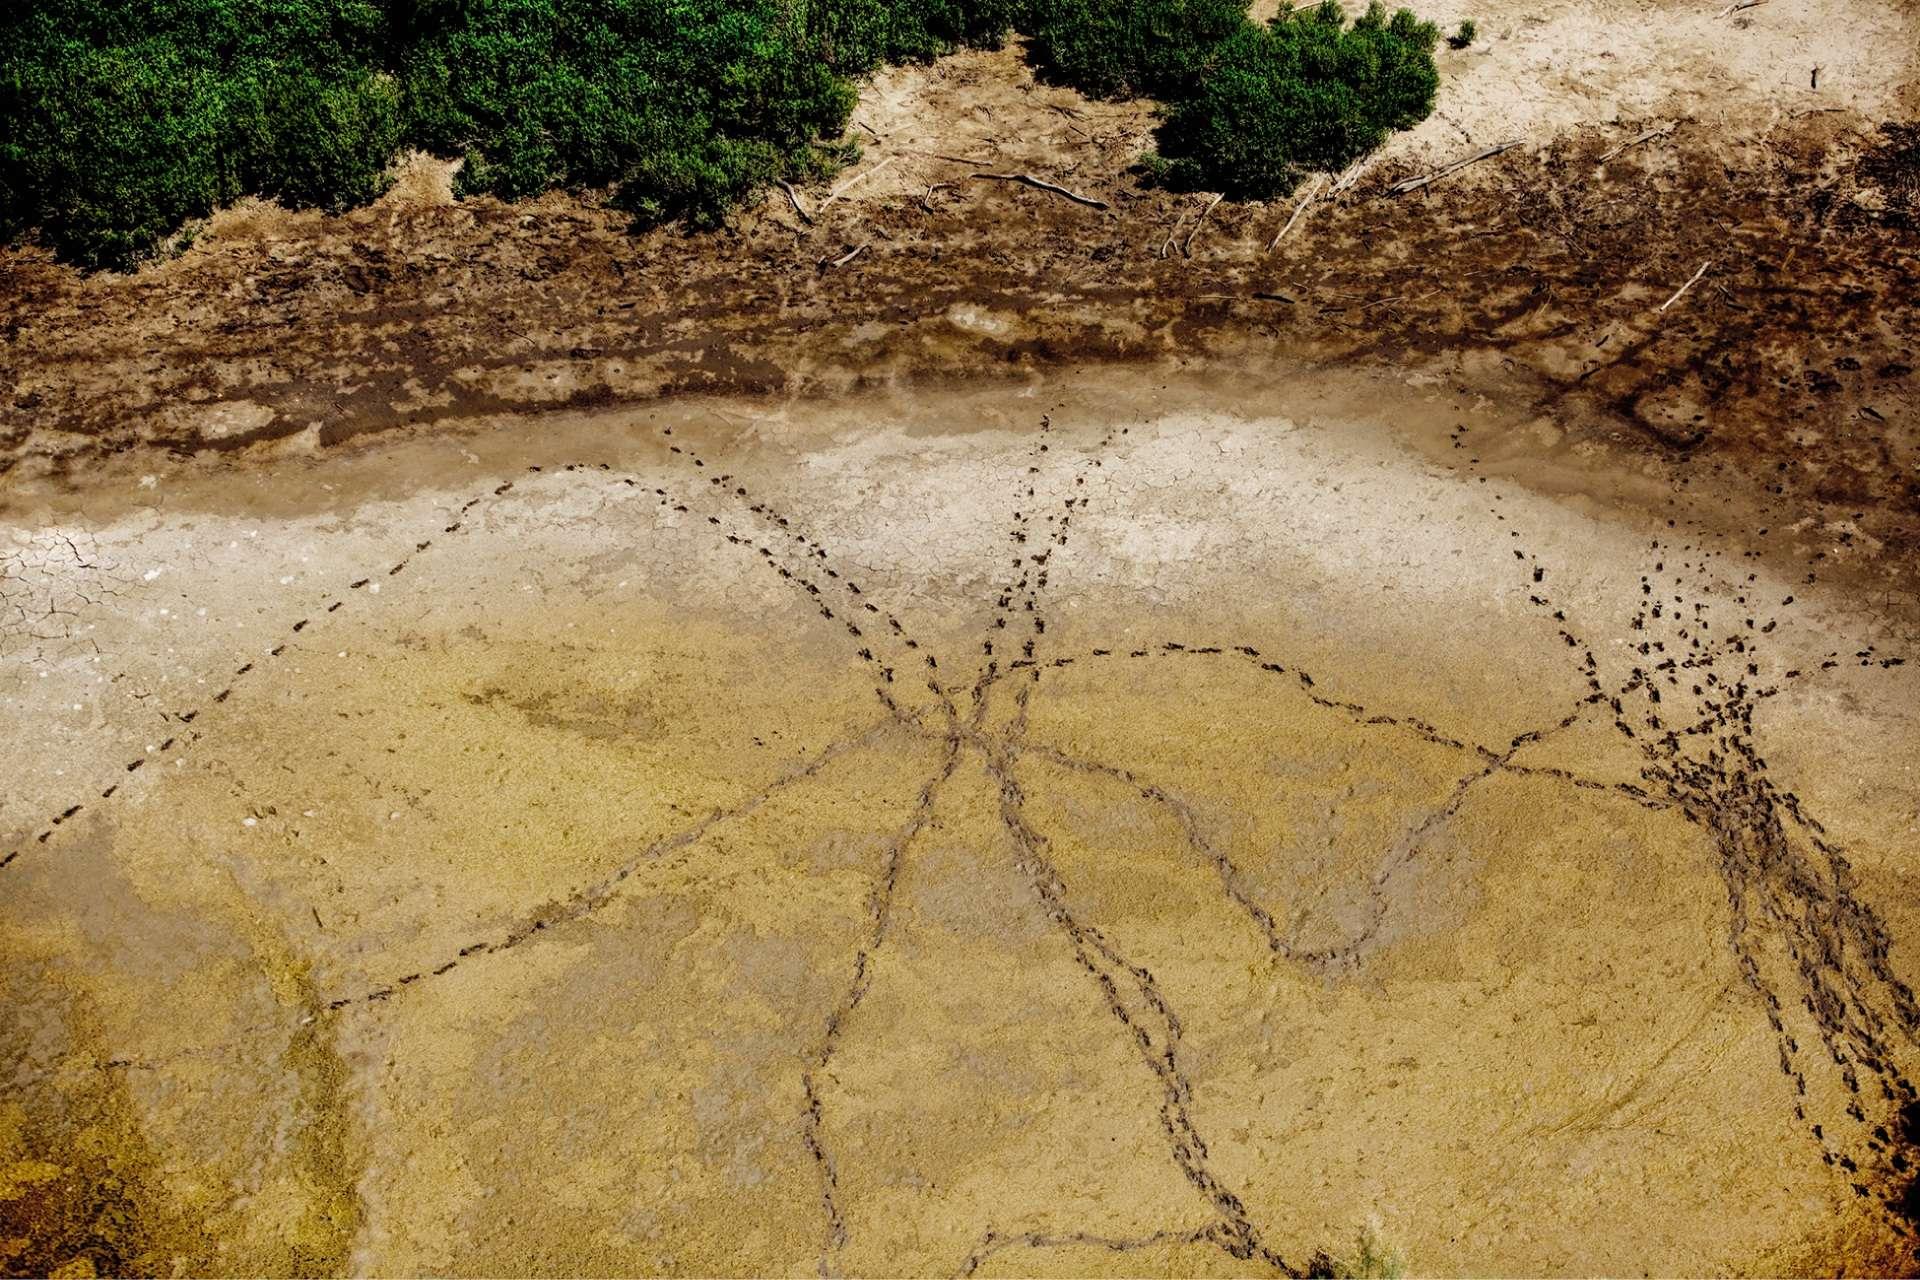 Les traces de pas de migrants ayant récemment marché sur un bassin asséché, à Mission (Texas).